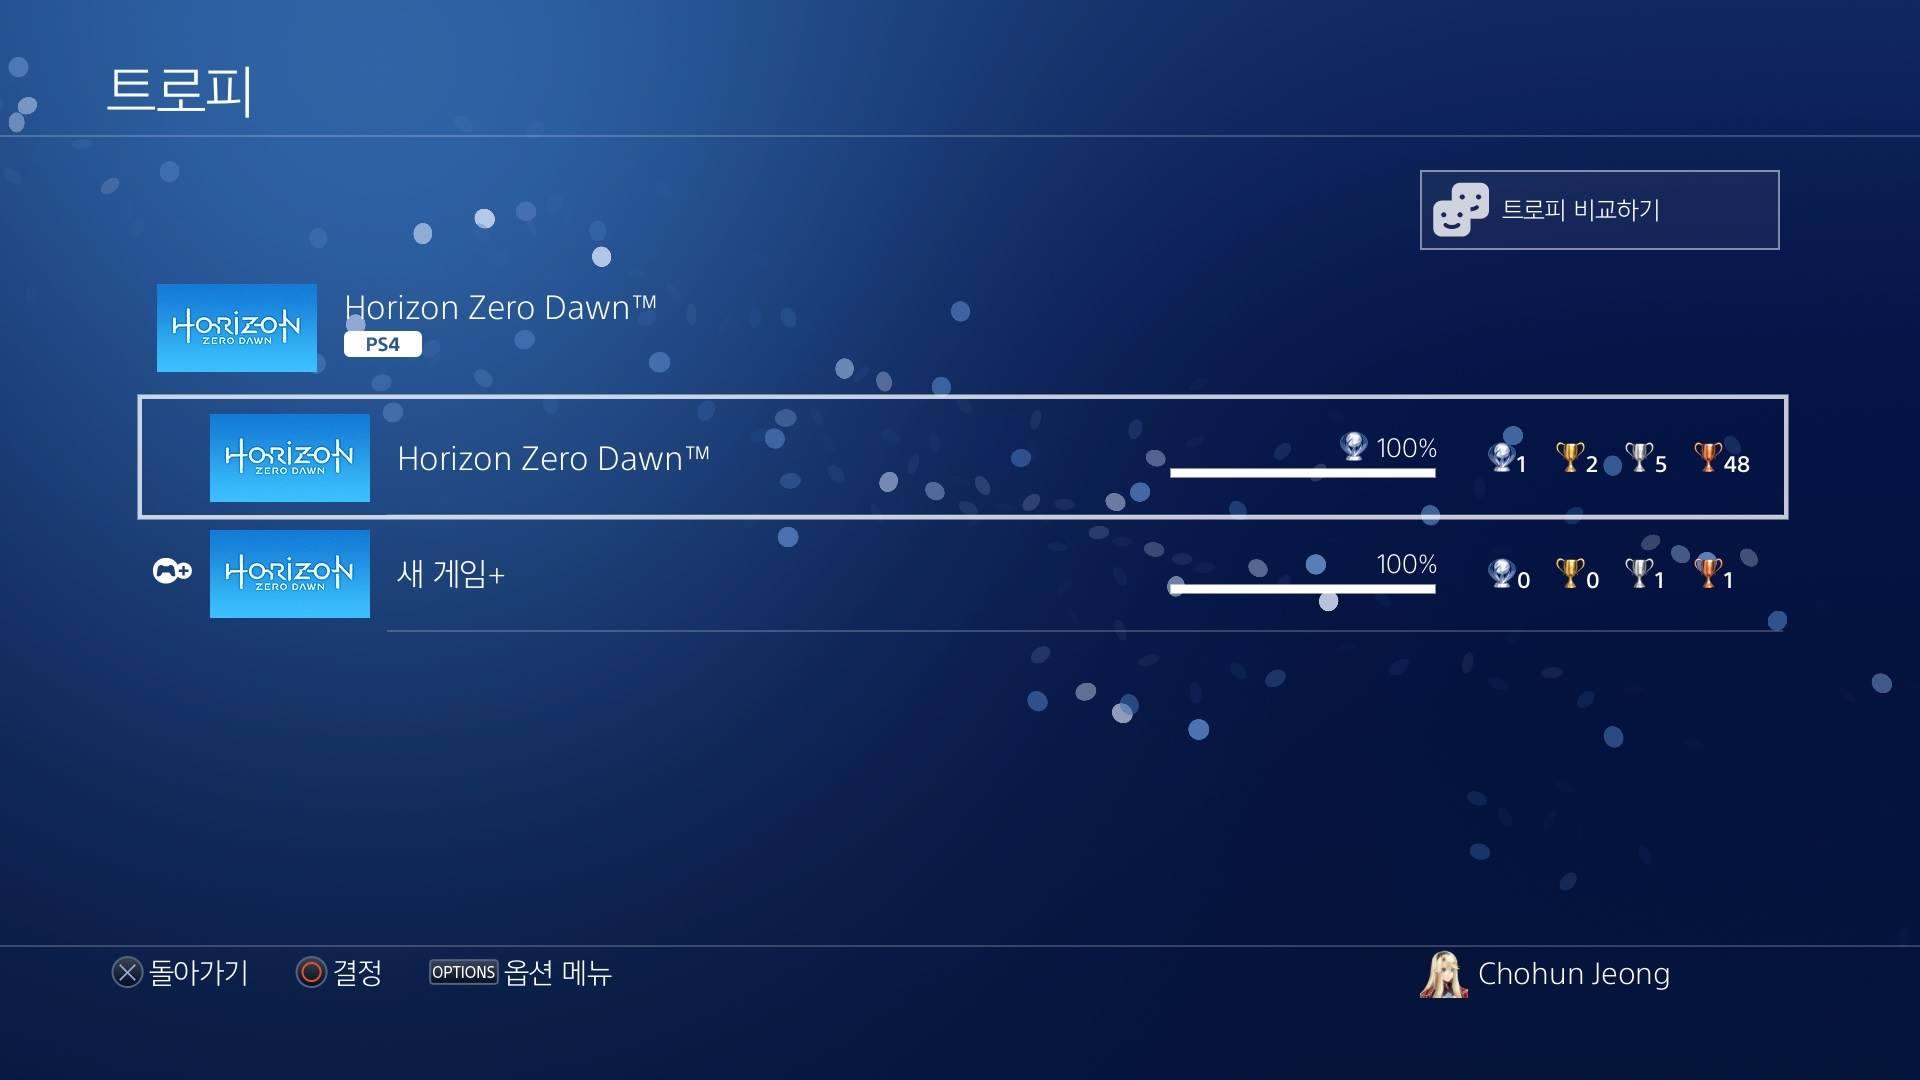 PS4 - 호라이즌 제로 던 올 트로피 획득